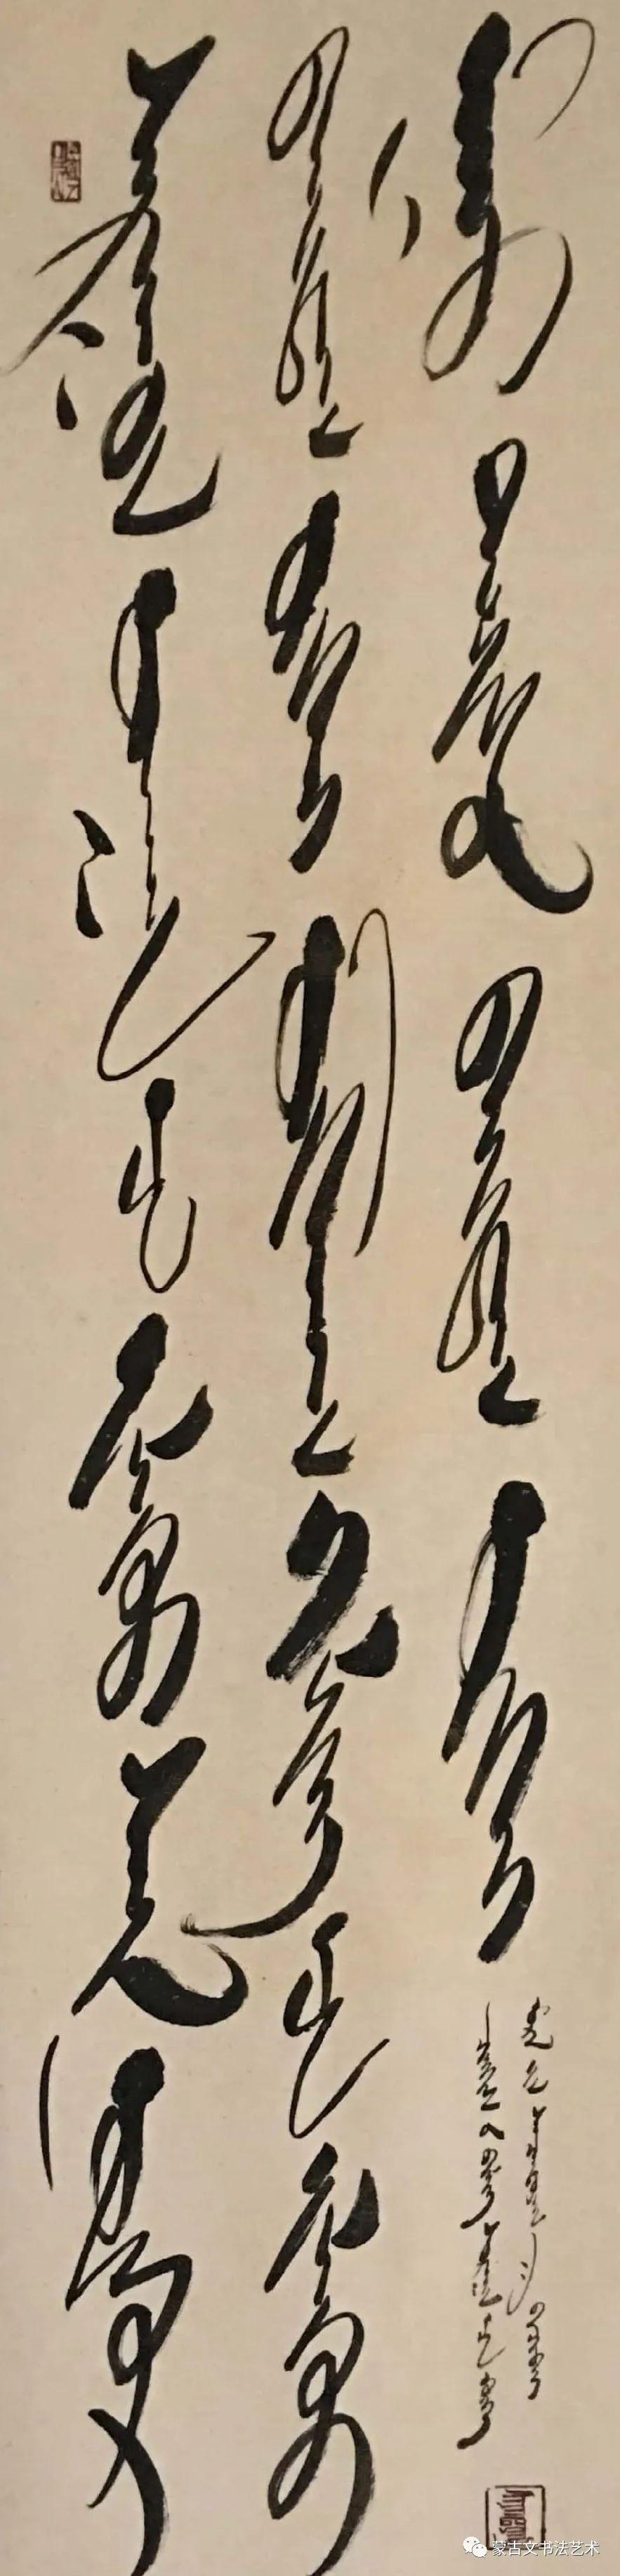 斯琴图雅蒙古文书法作品 第4张